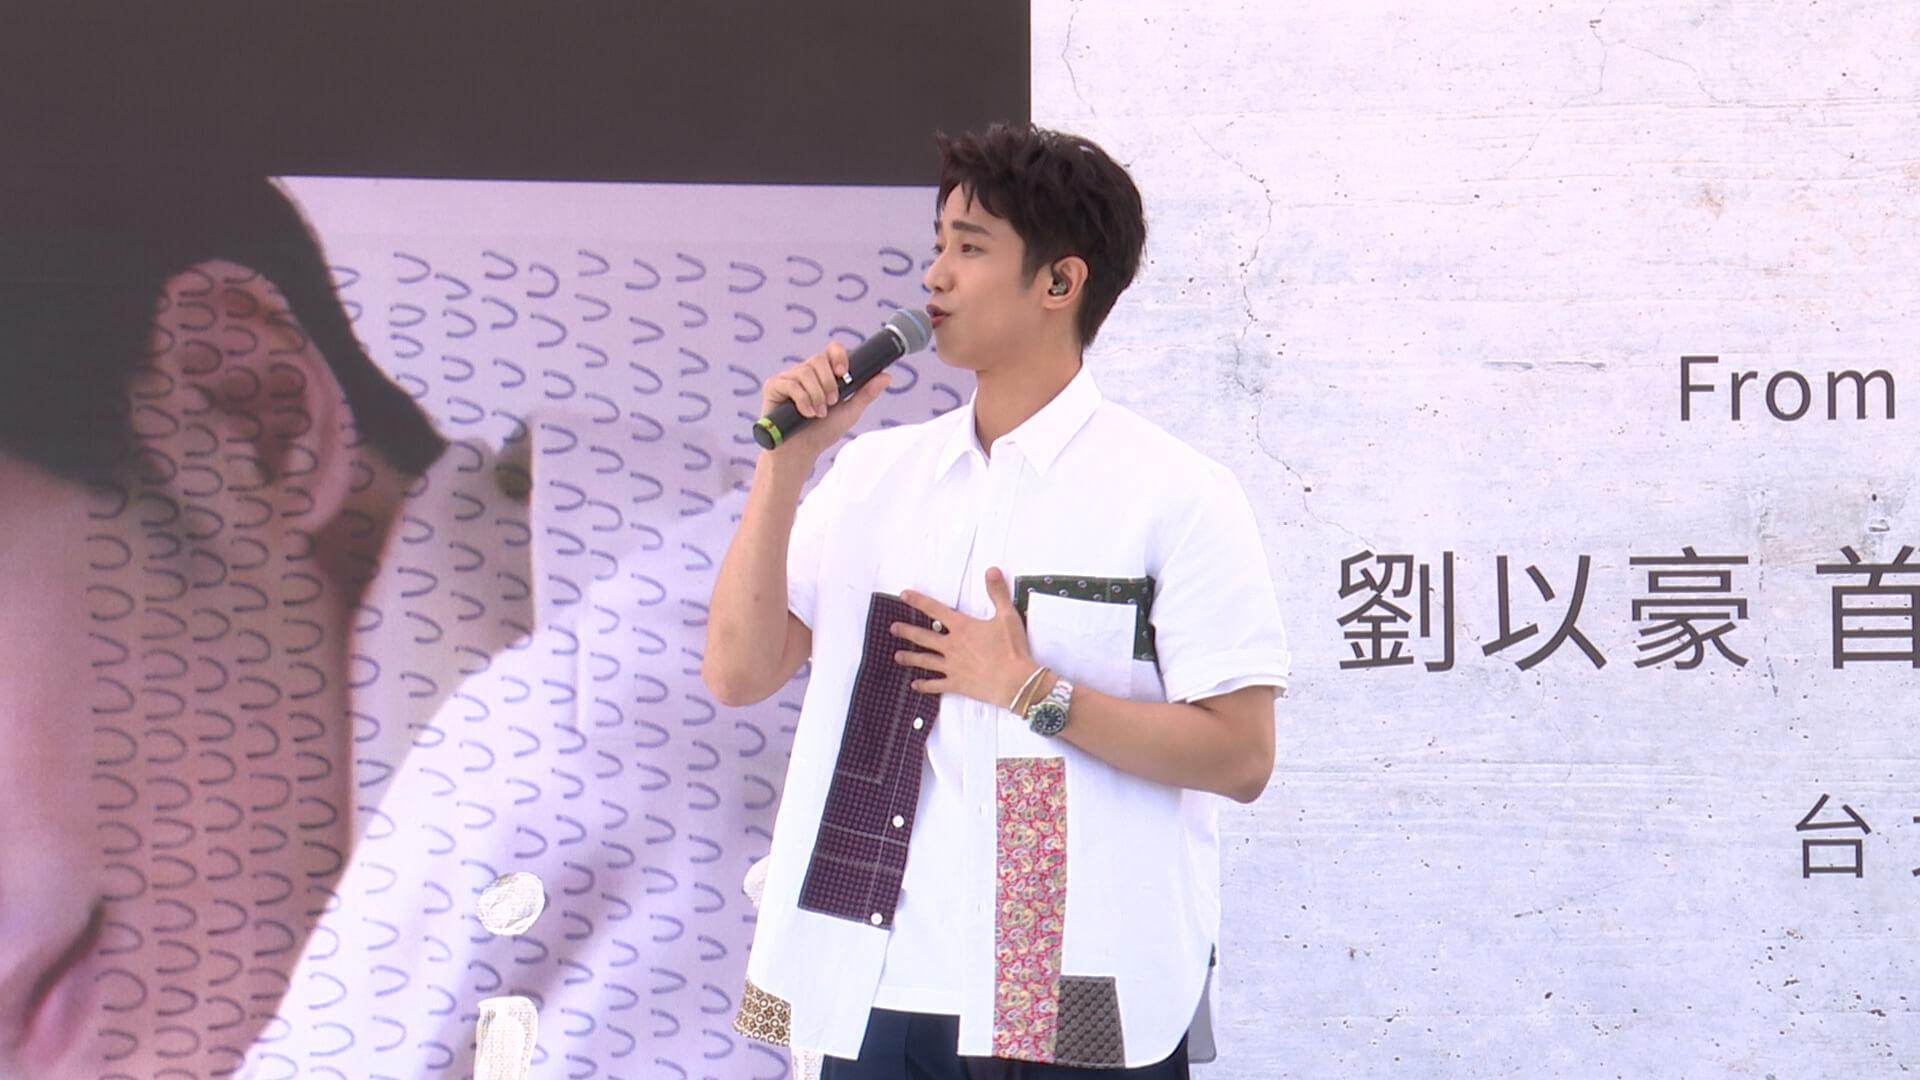 达人秀直击/单曲预购破万张 刘以豪「公开录音撞鬼经历」!